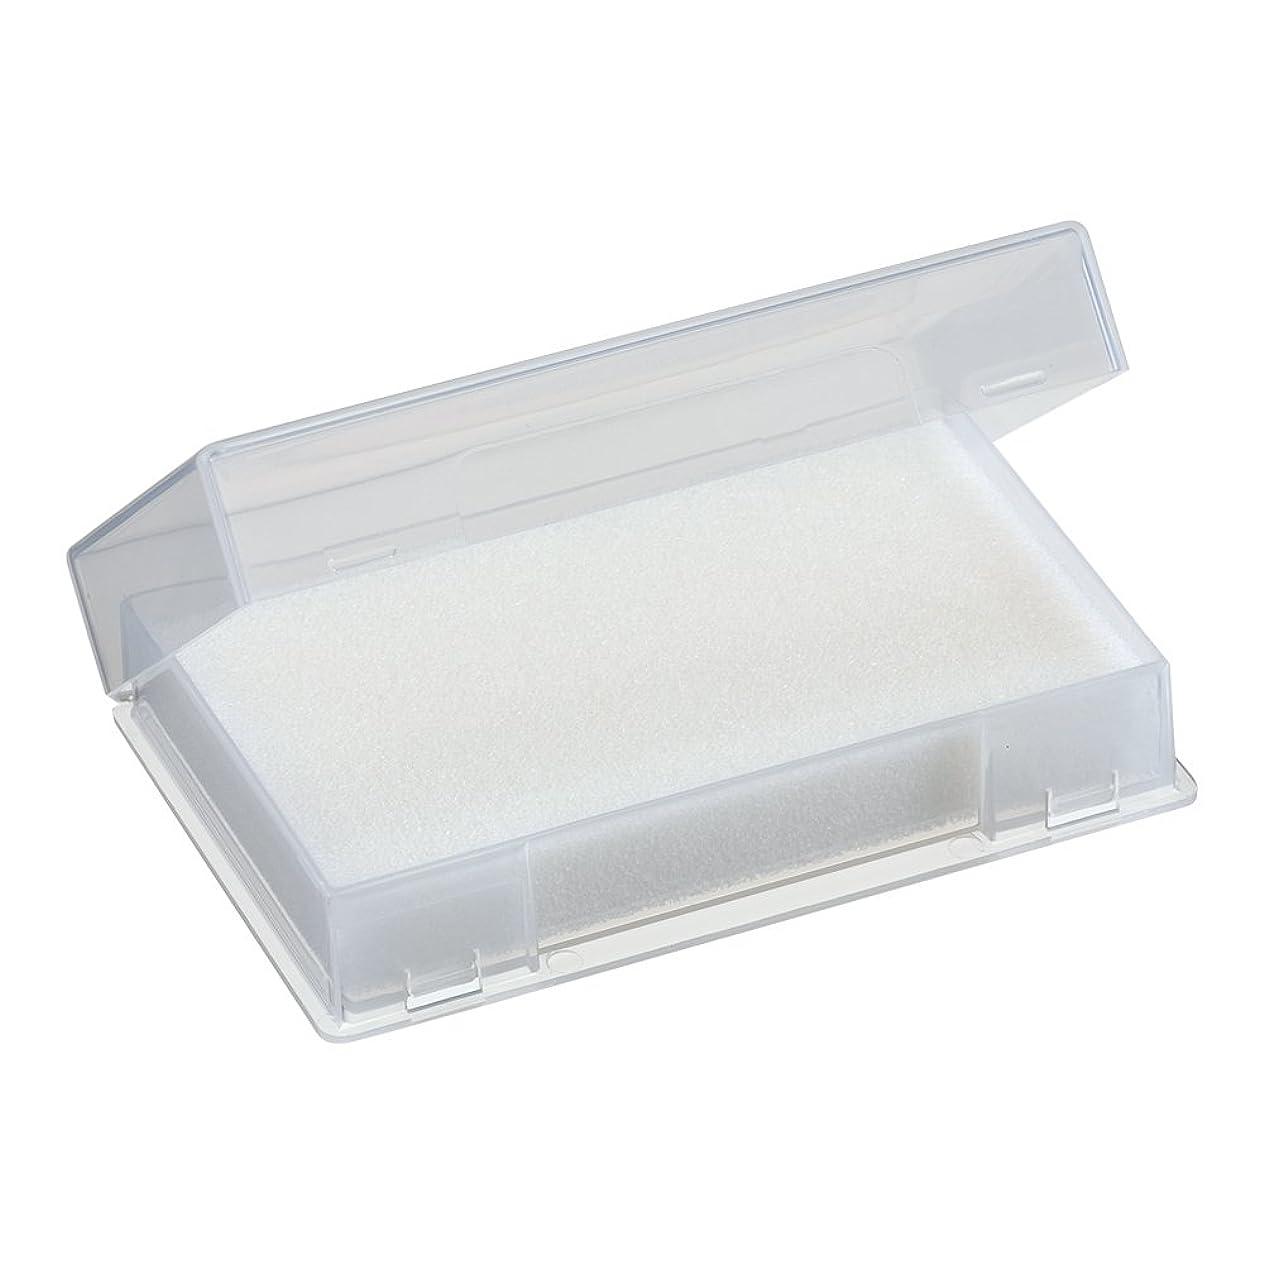 好み一過性適性ネイルチップケース ホワイト